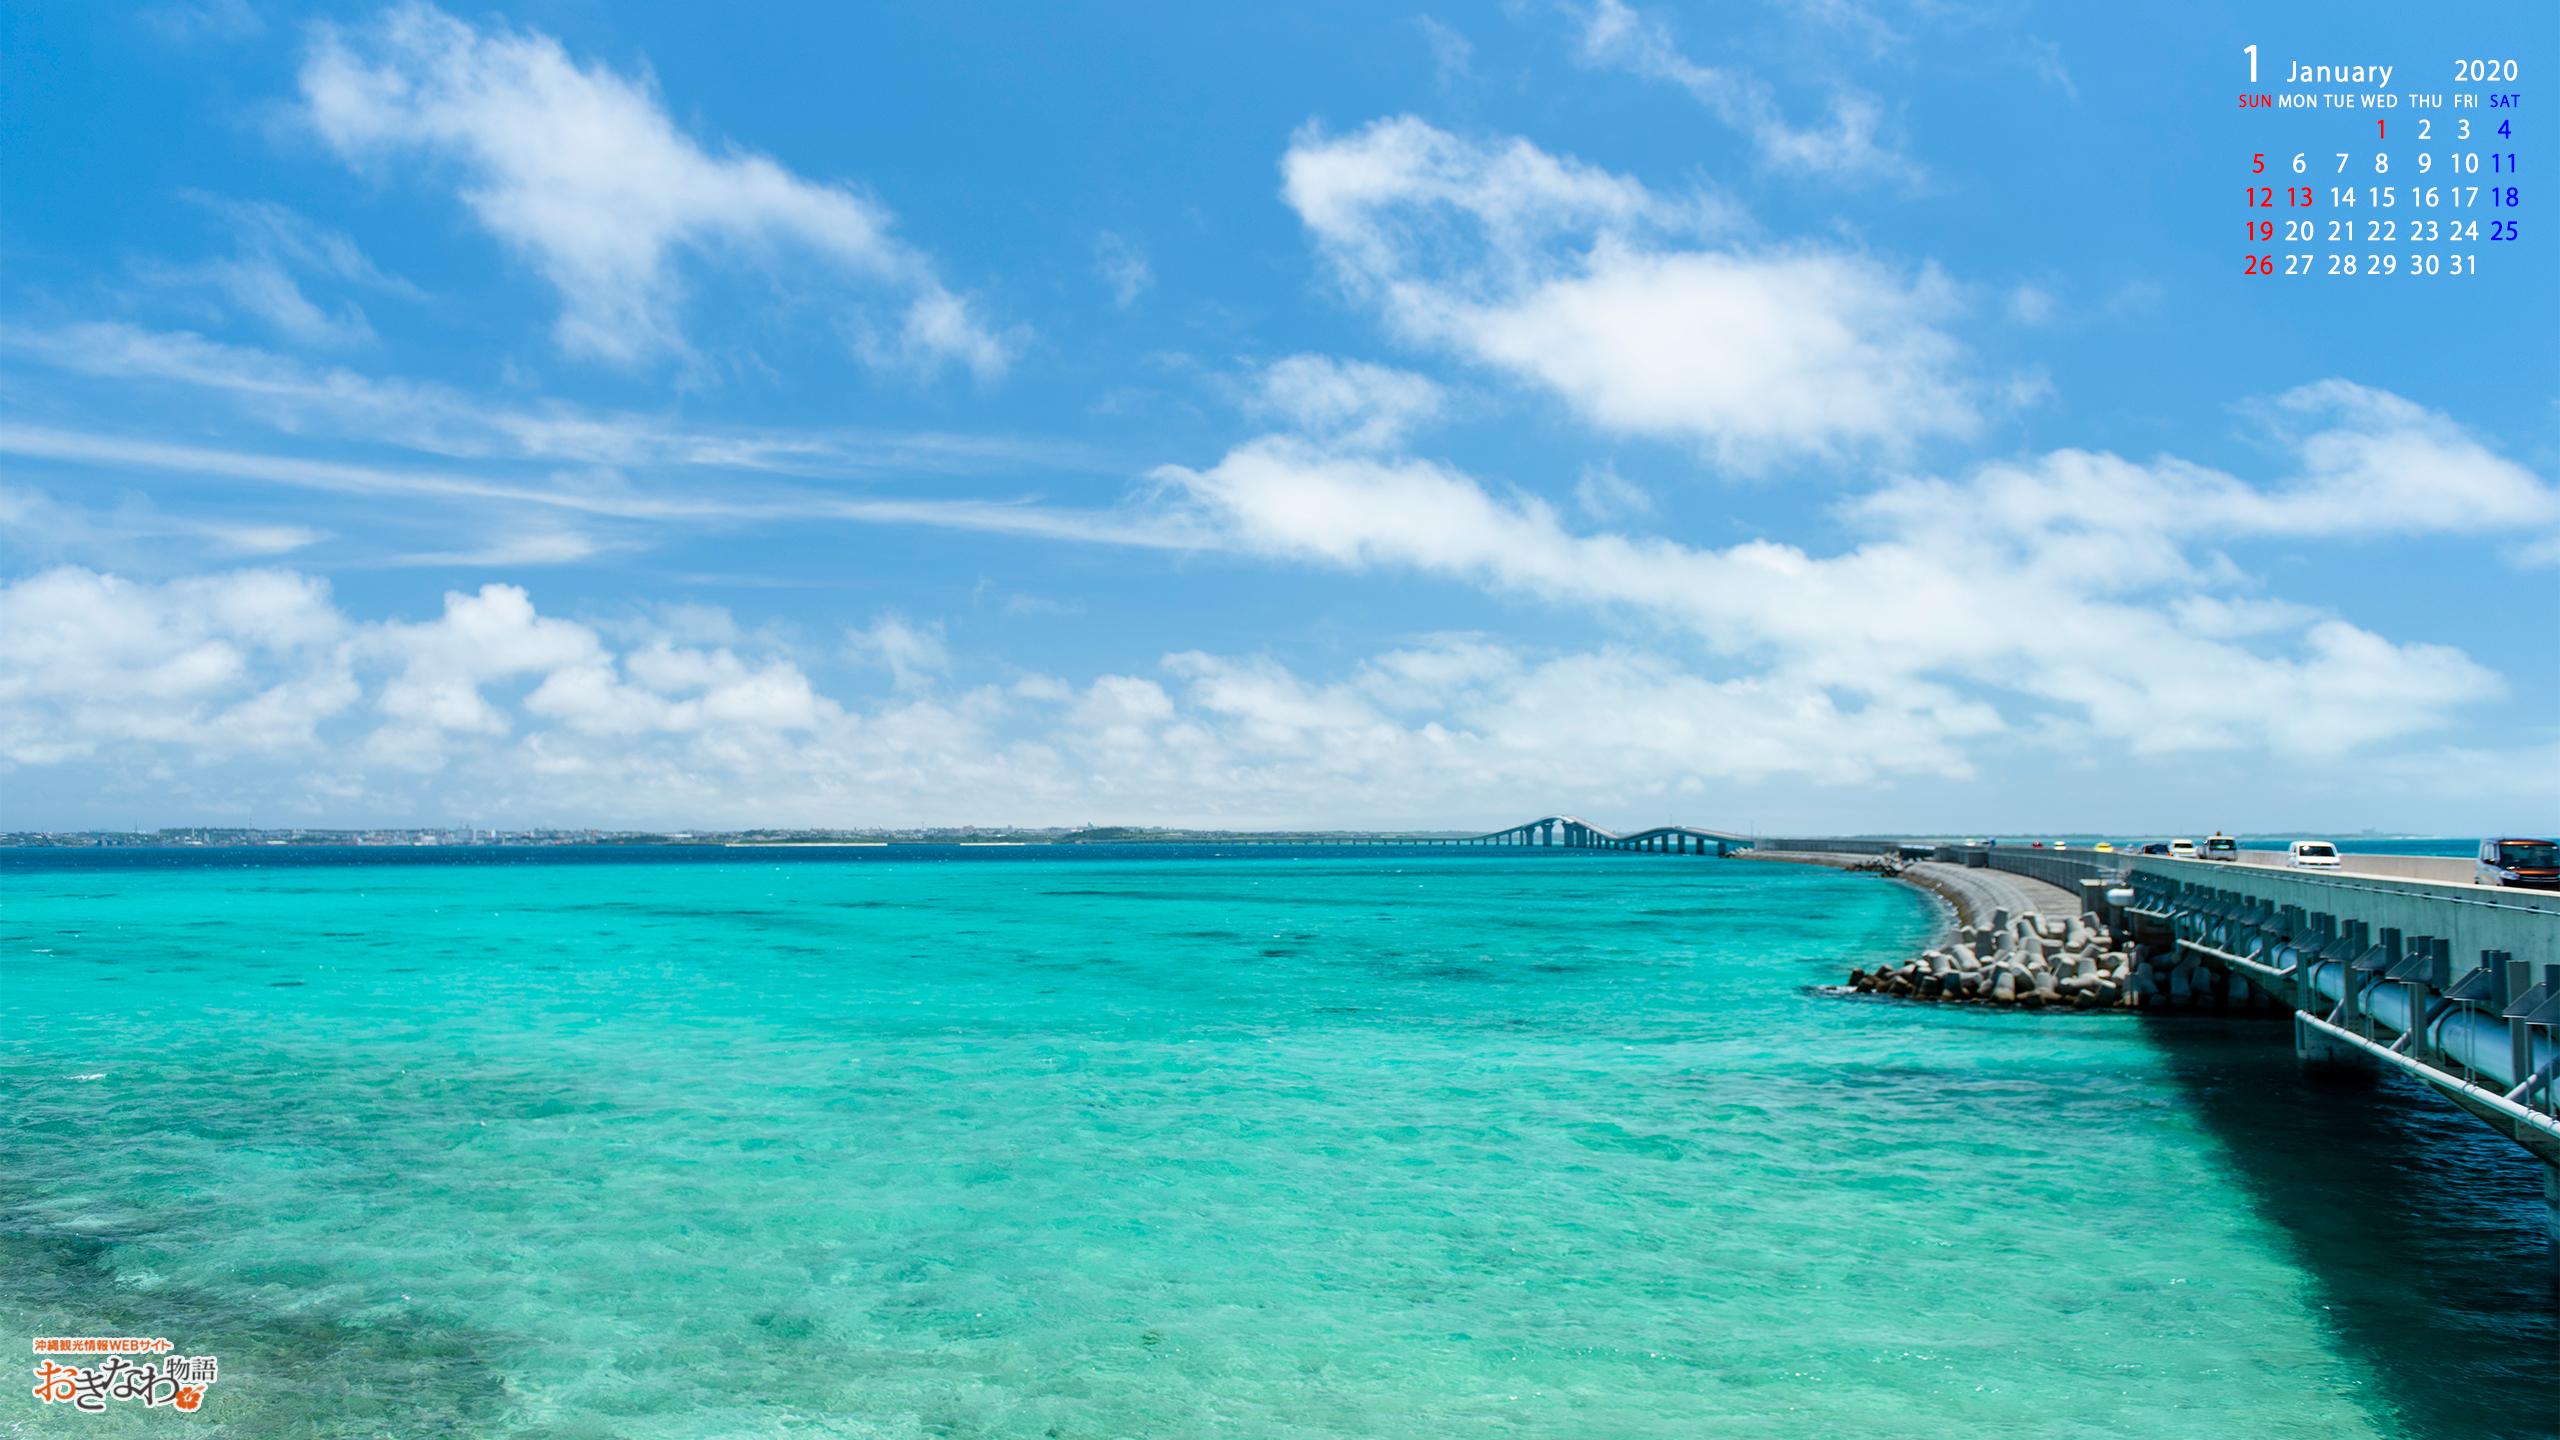 1月の壁紙カレンダー お知らせ トピックス 沖縄観光情報webサイト